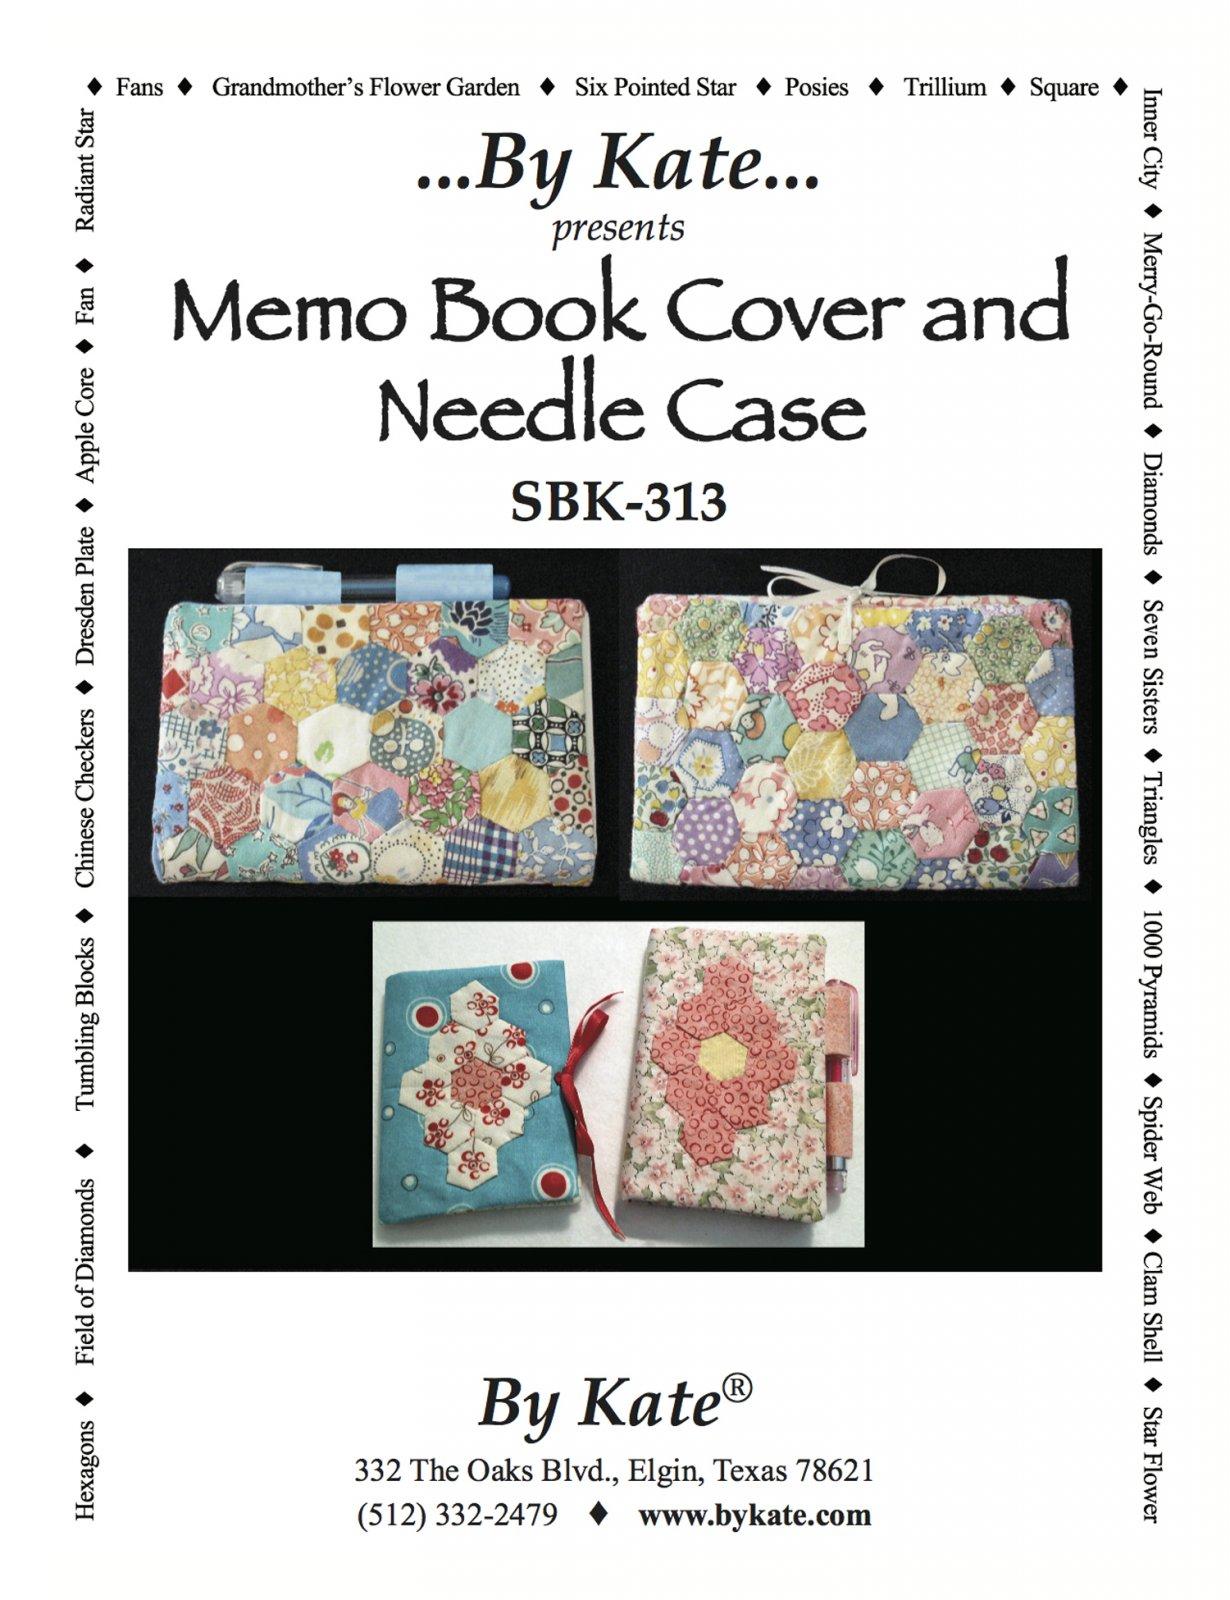 Memo Book Cover & Needle Case